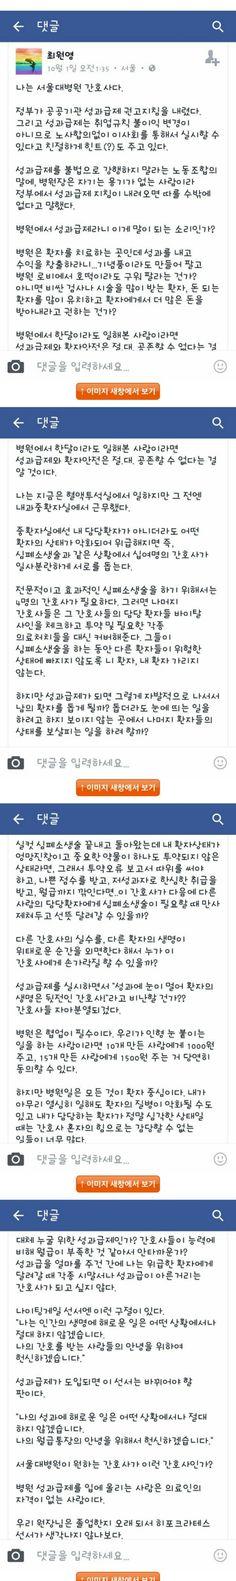 서울대병원 간호사의 트윗